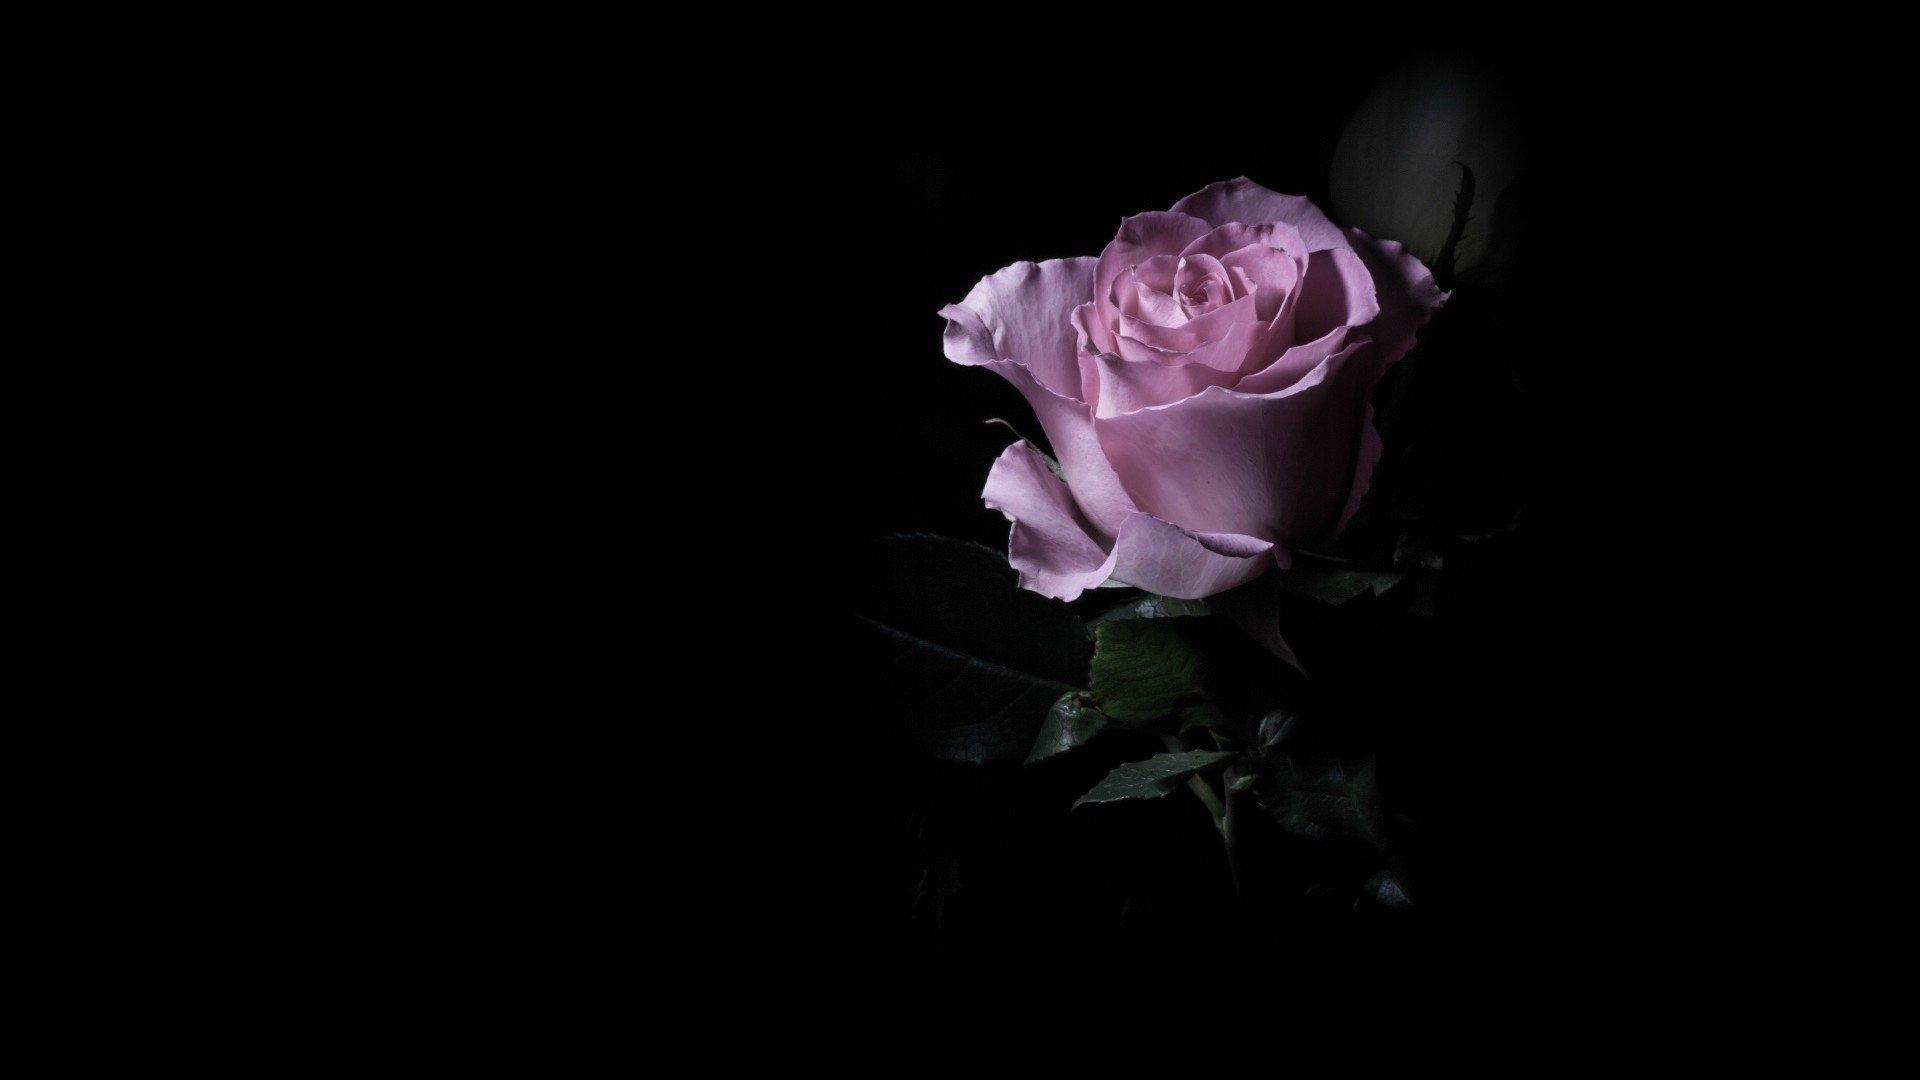 Обои на телефон роза на черном фоне   подборка (23)